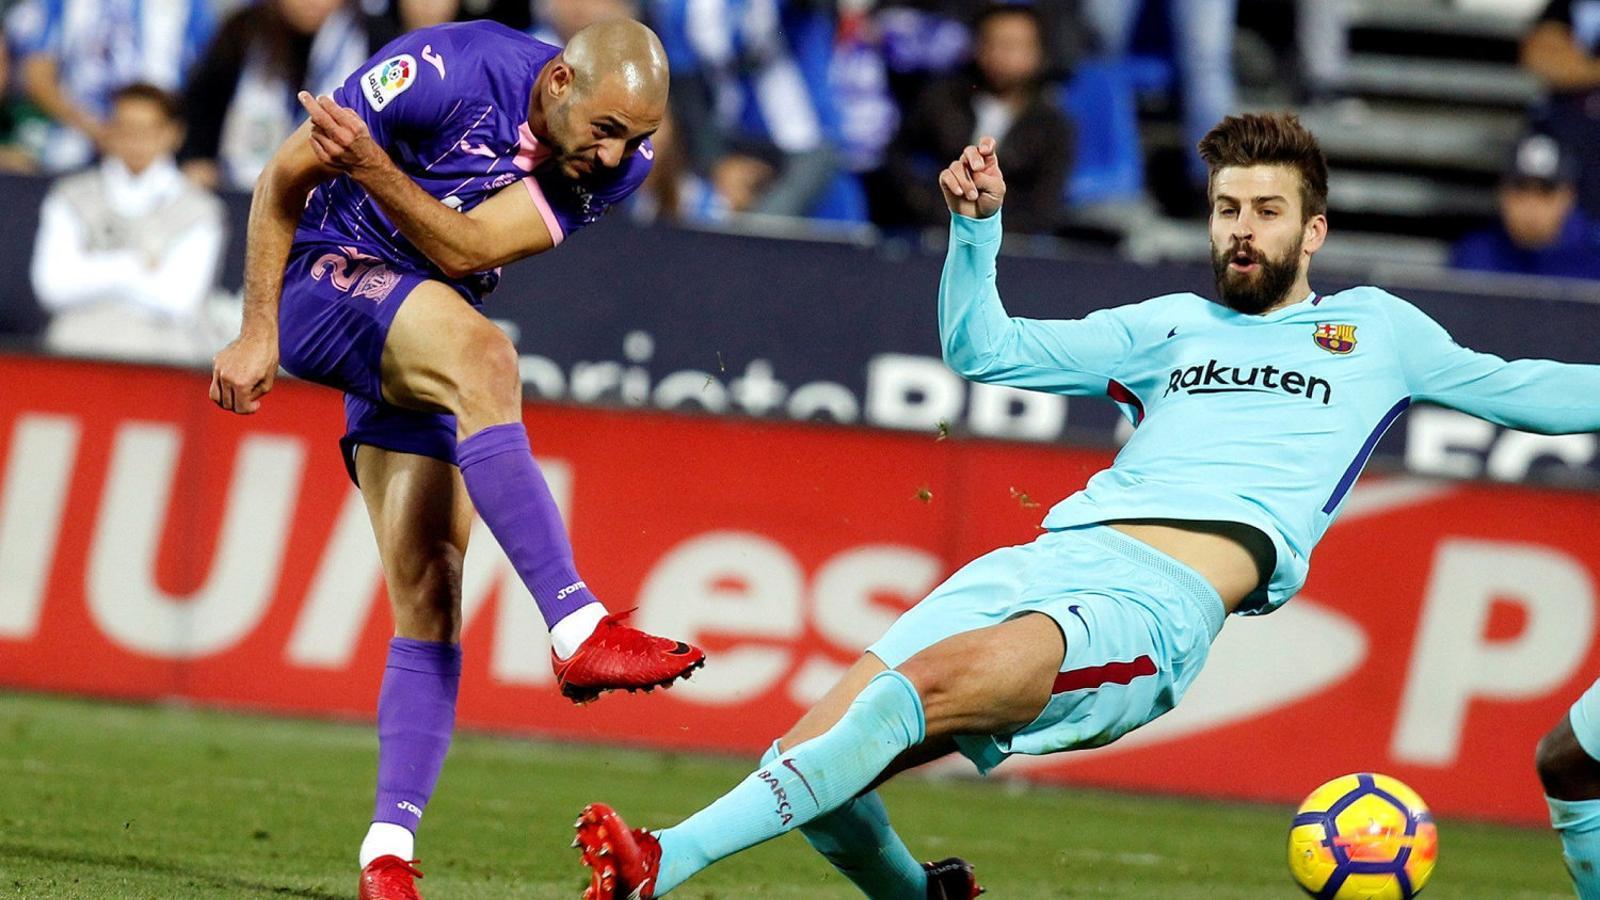 Amrabat i Piqué durant el partit. Precisament en una acció entre els dos futbolistes el central blaugrana va veure la targeta groga.